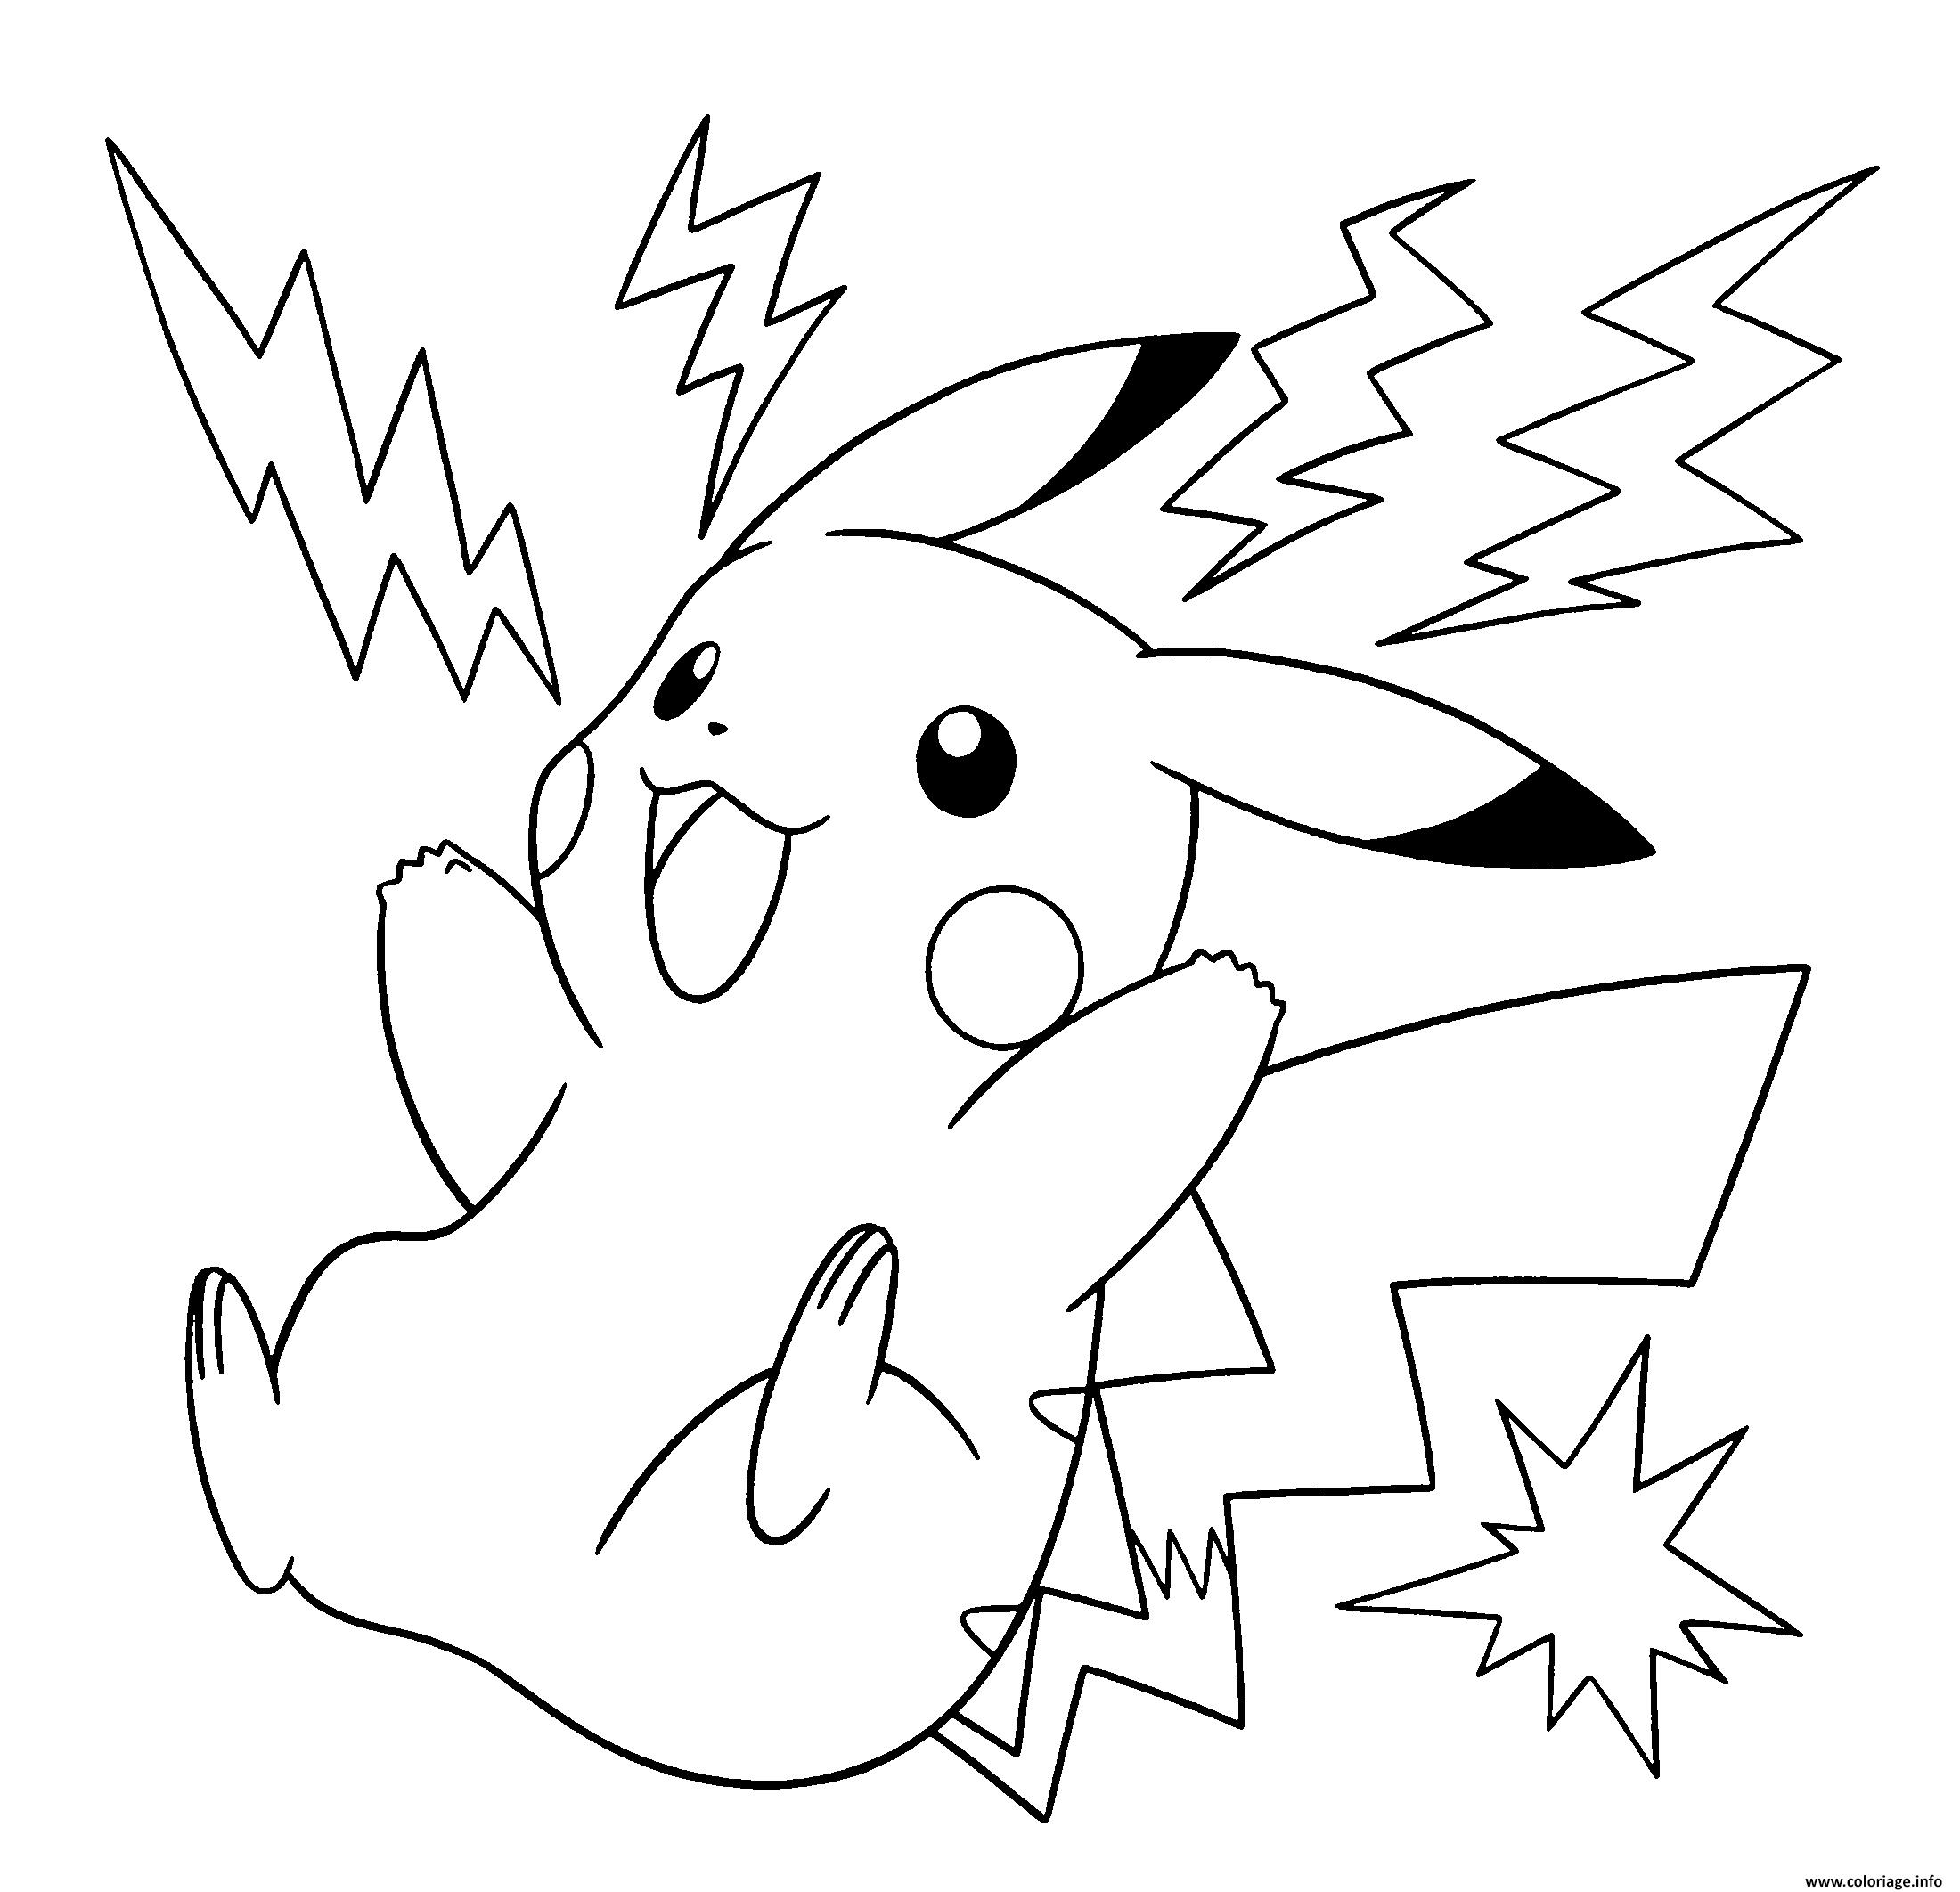 Coloriage Pokemon Pikachu Electrique à Imprimer Coloriage